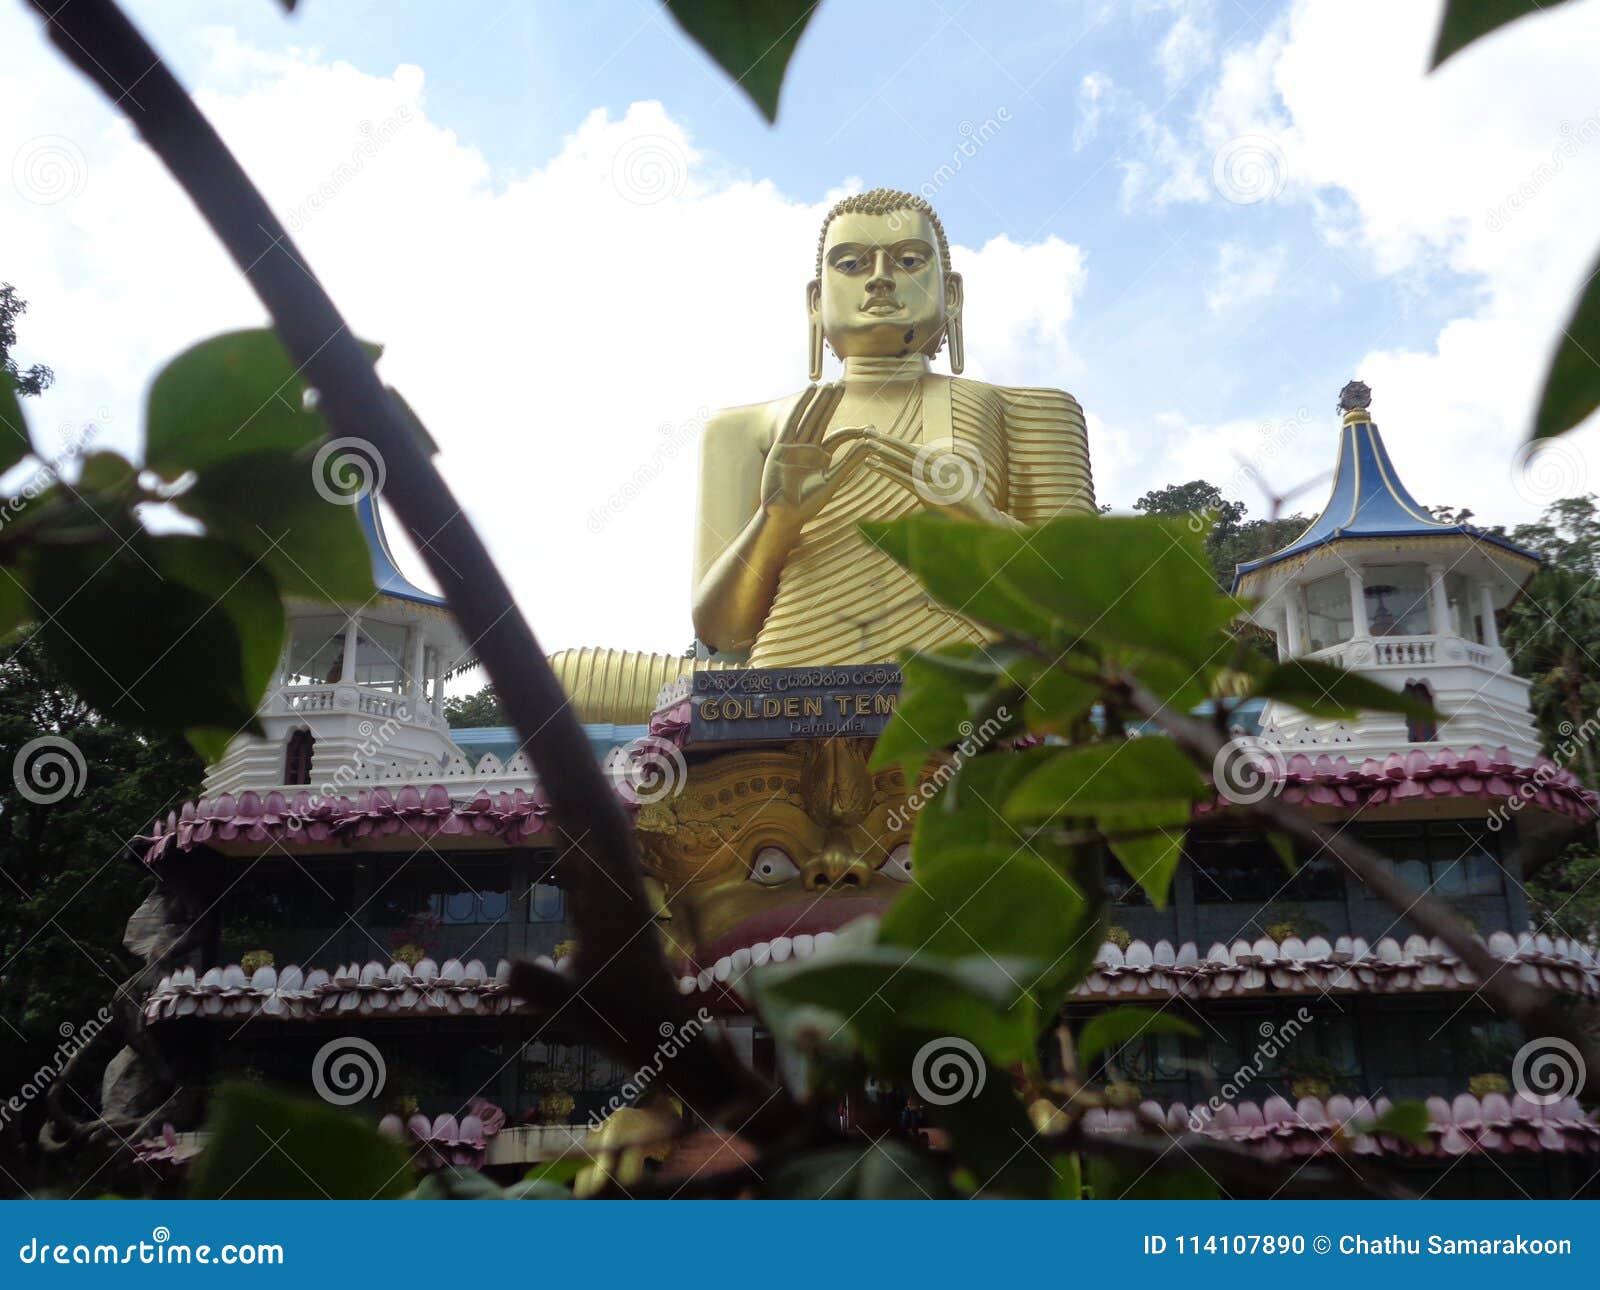 Statue of buddha dambulla in Sri Lanka